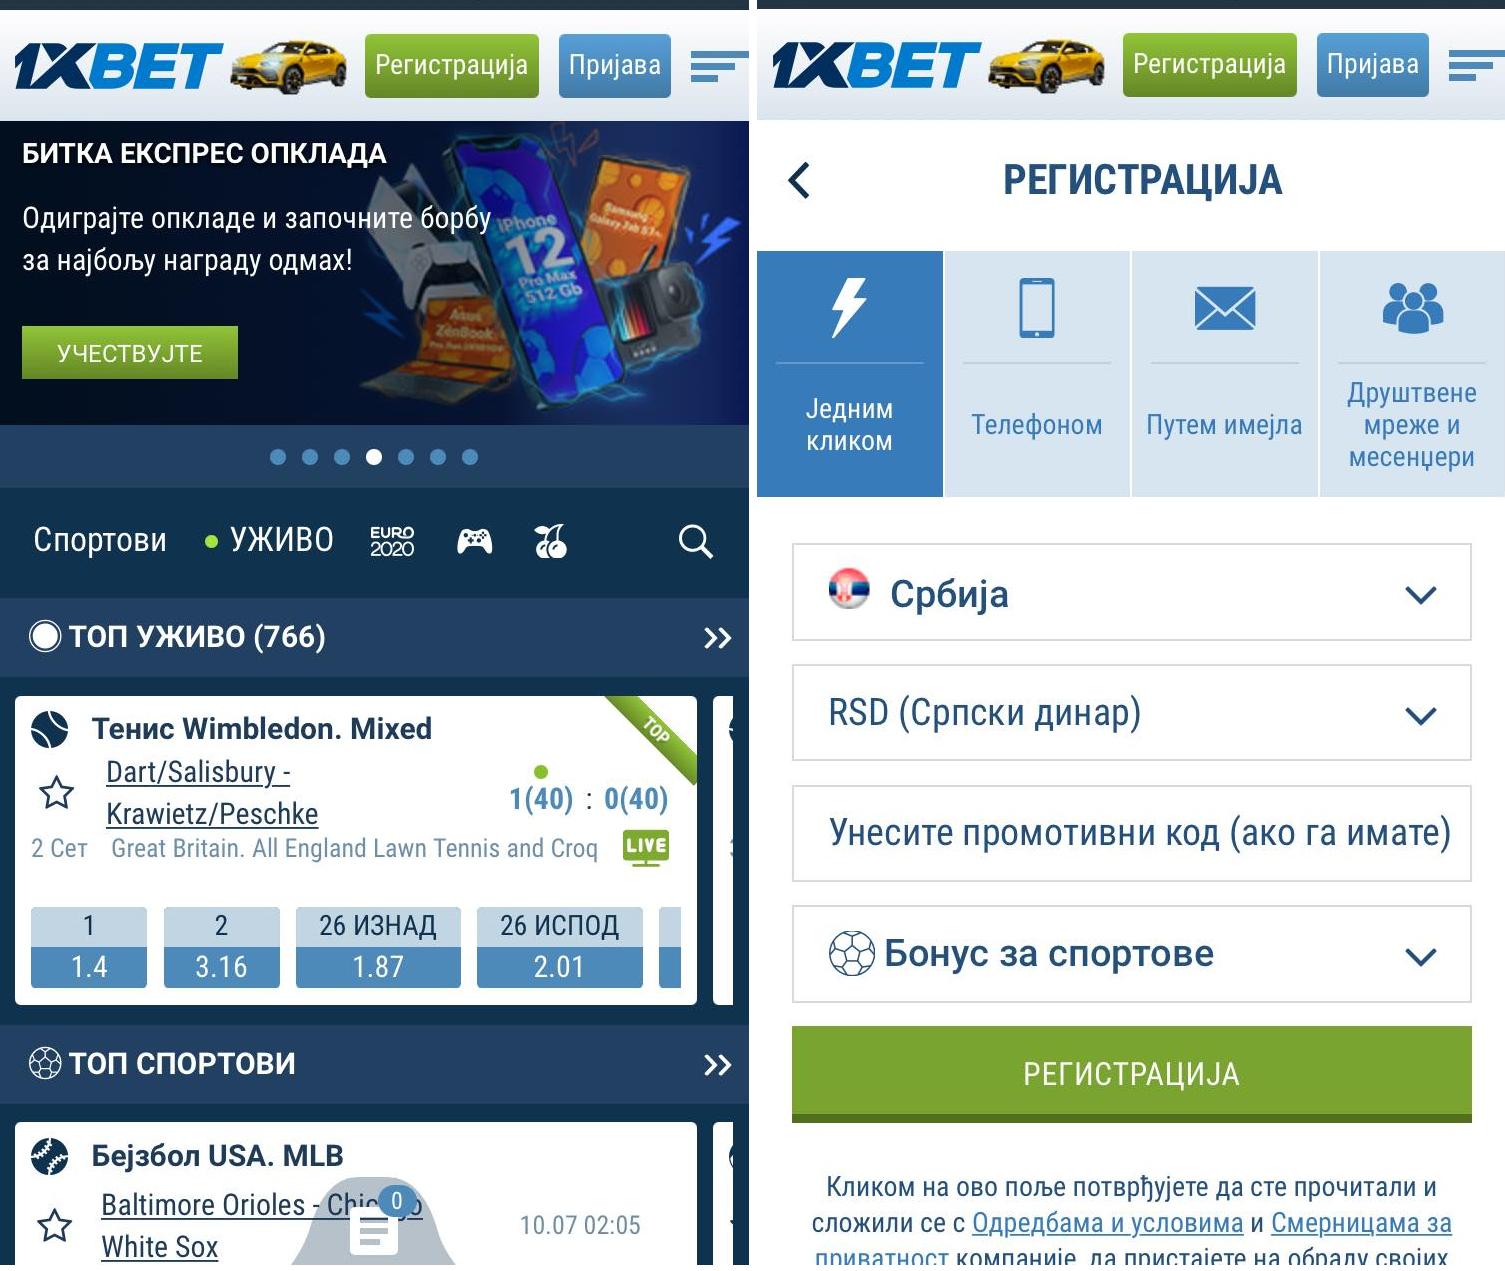 app1xbet